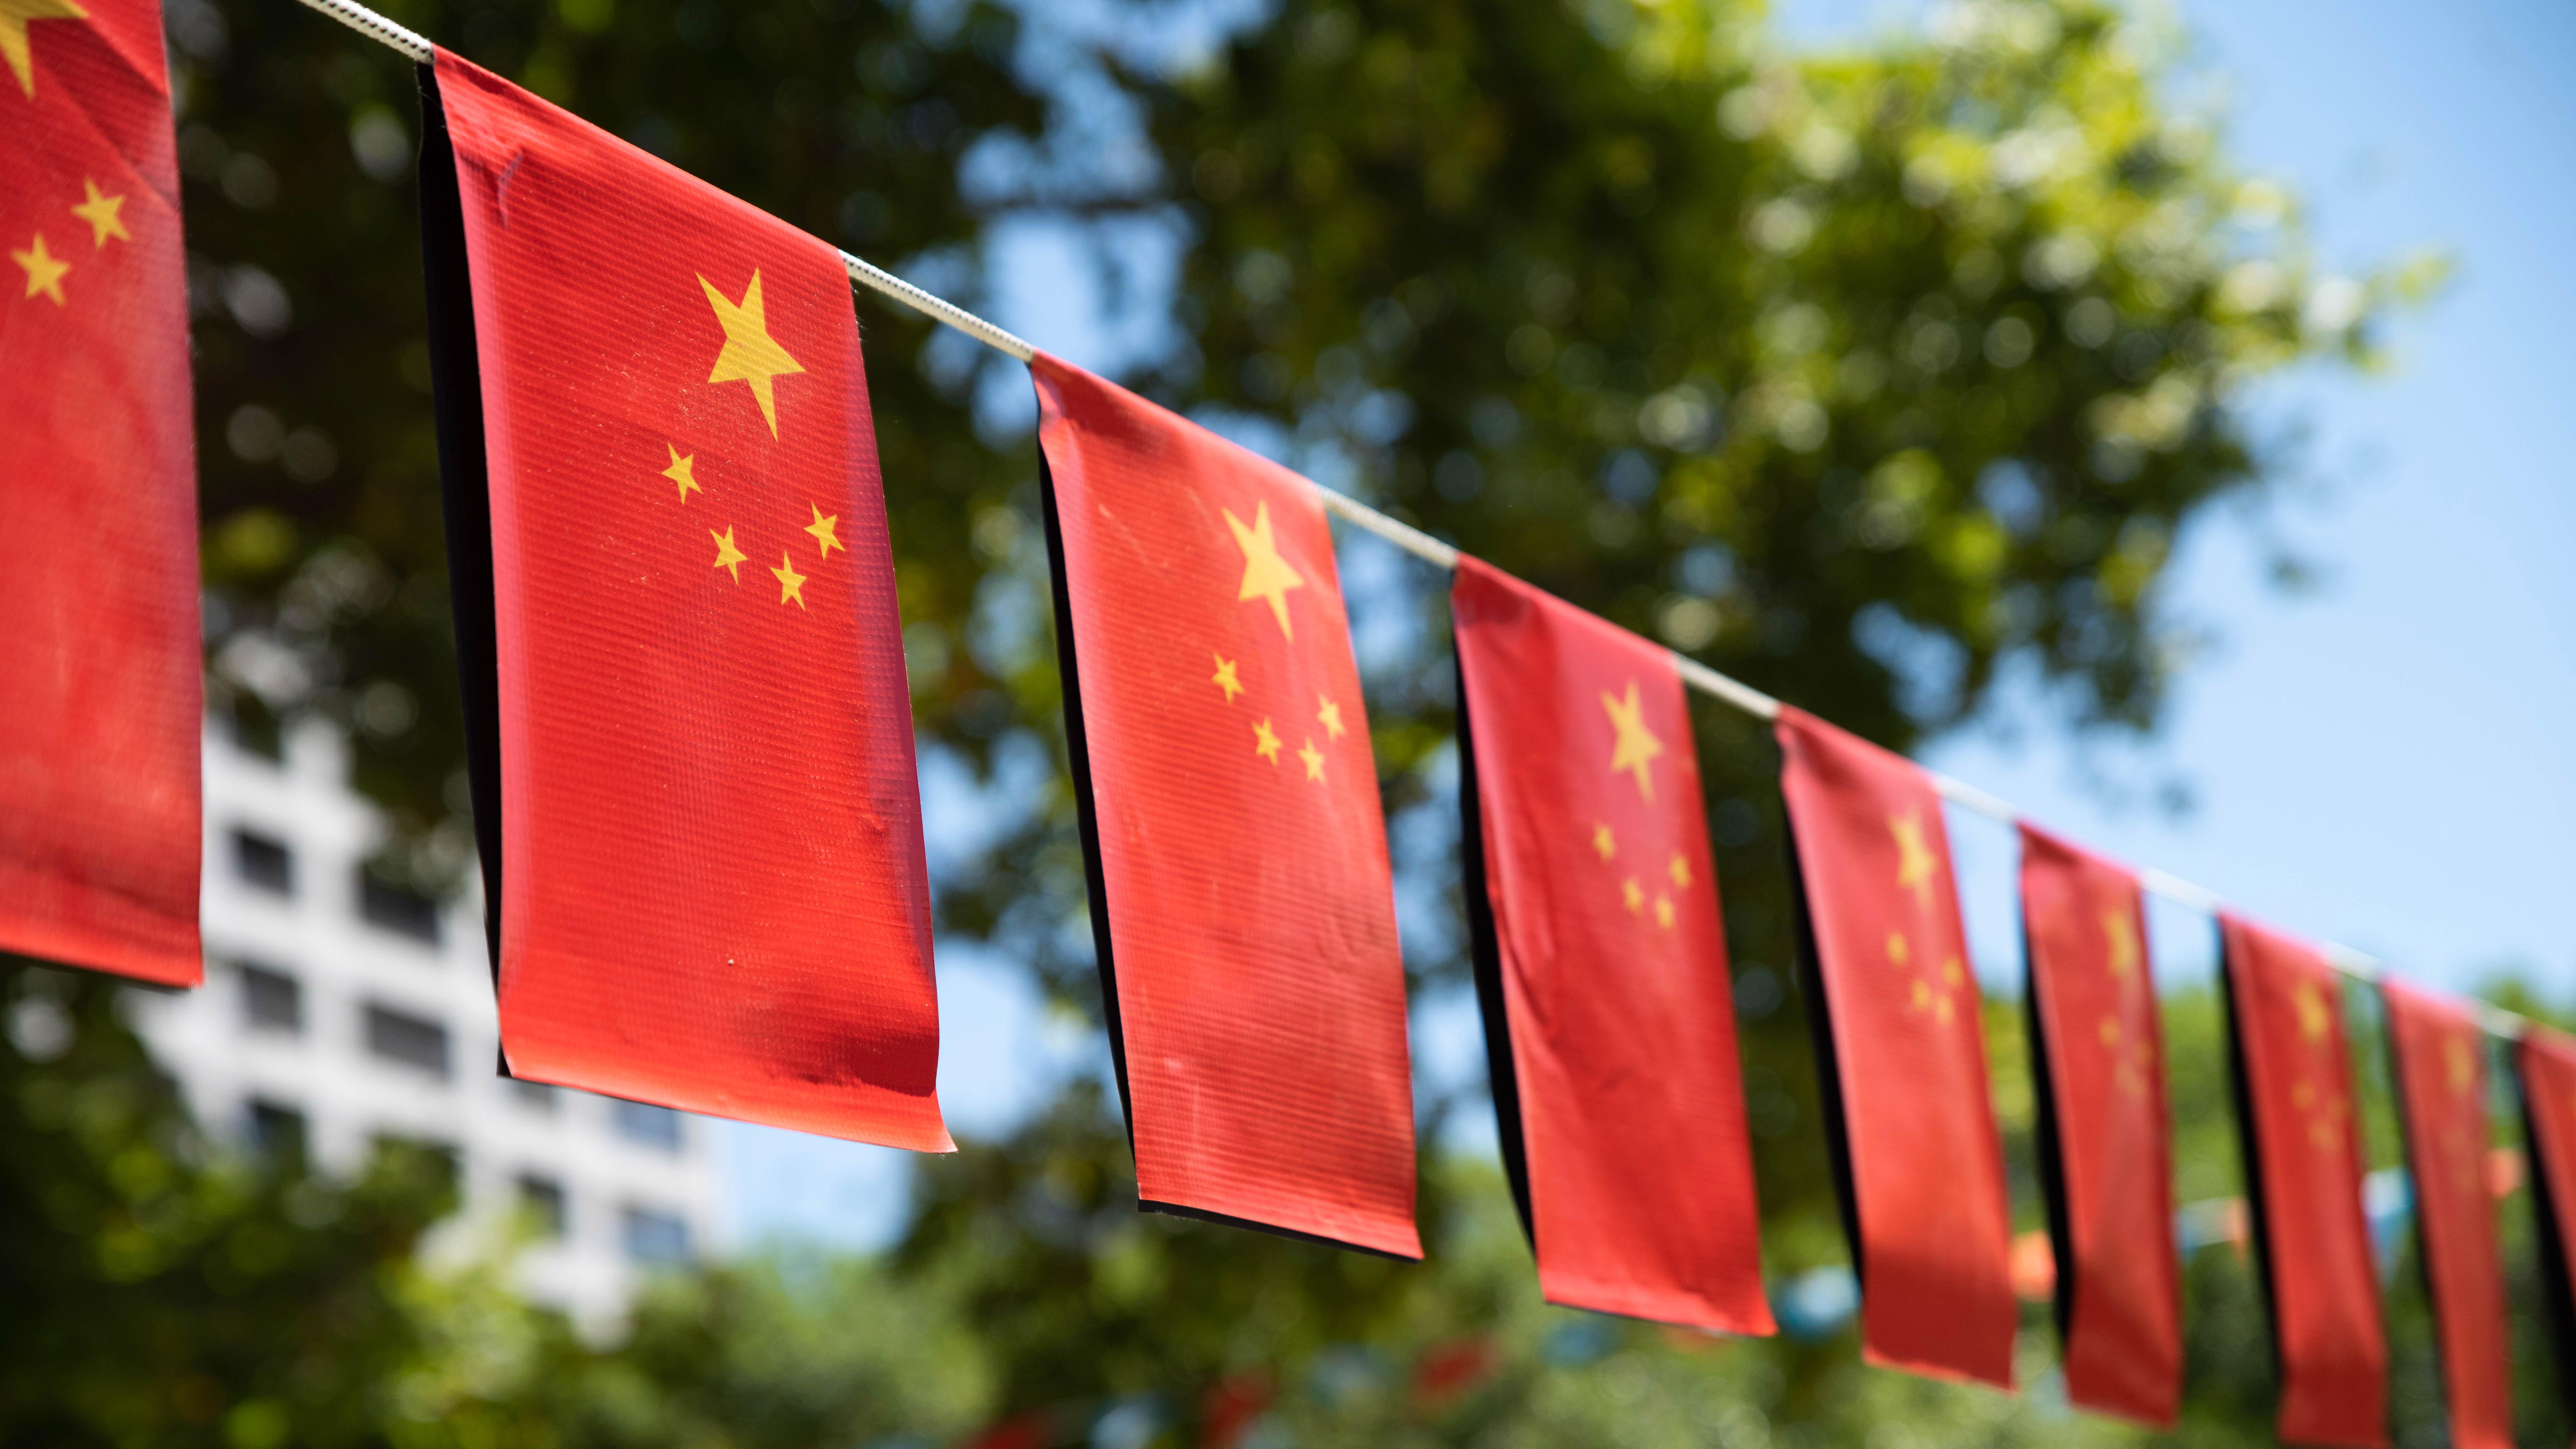 La plaza también fue decorada con banderas chinas. (Fotos: Franco Fafasuli)